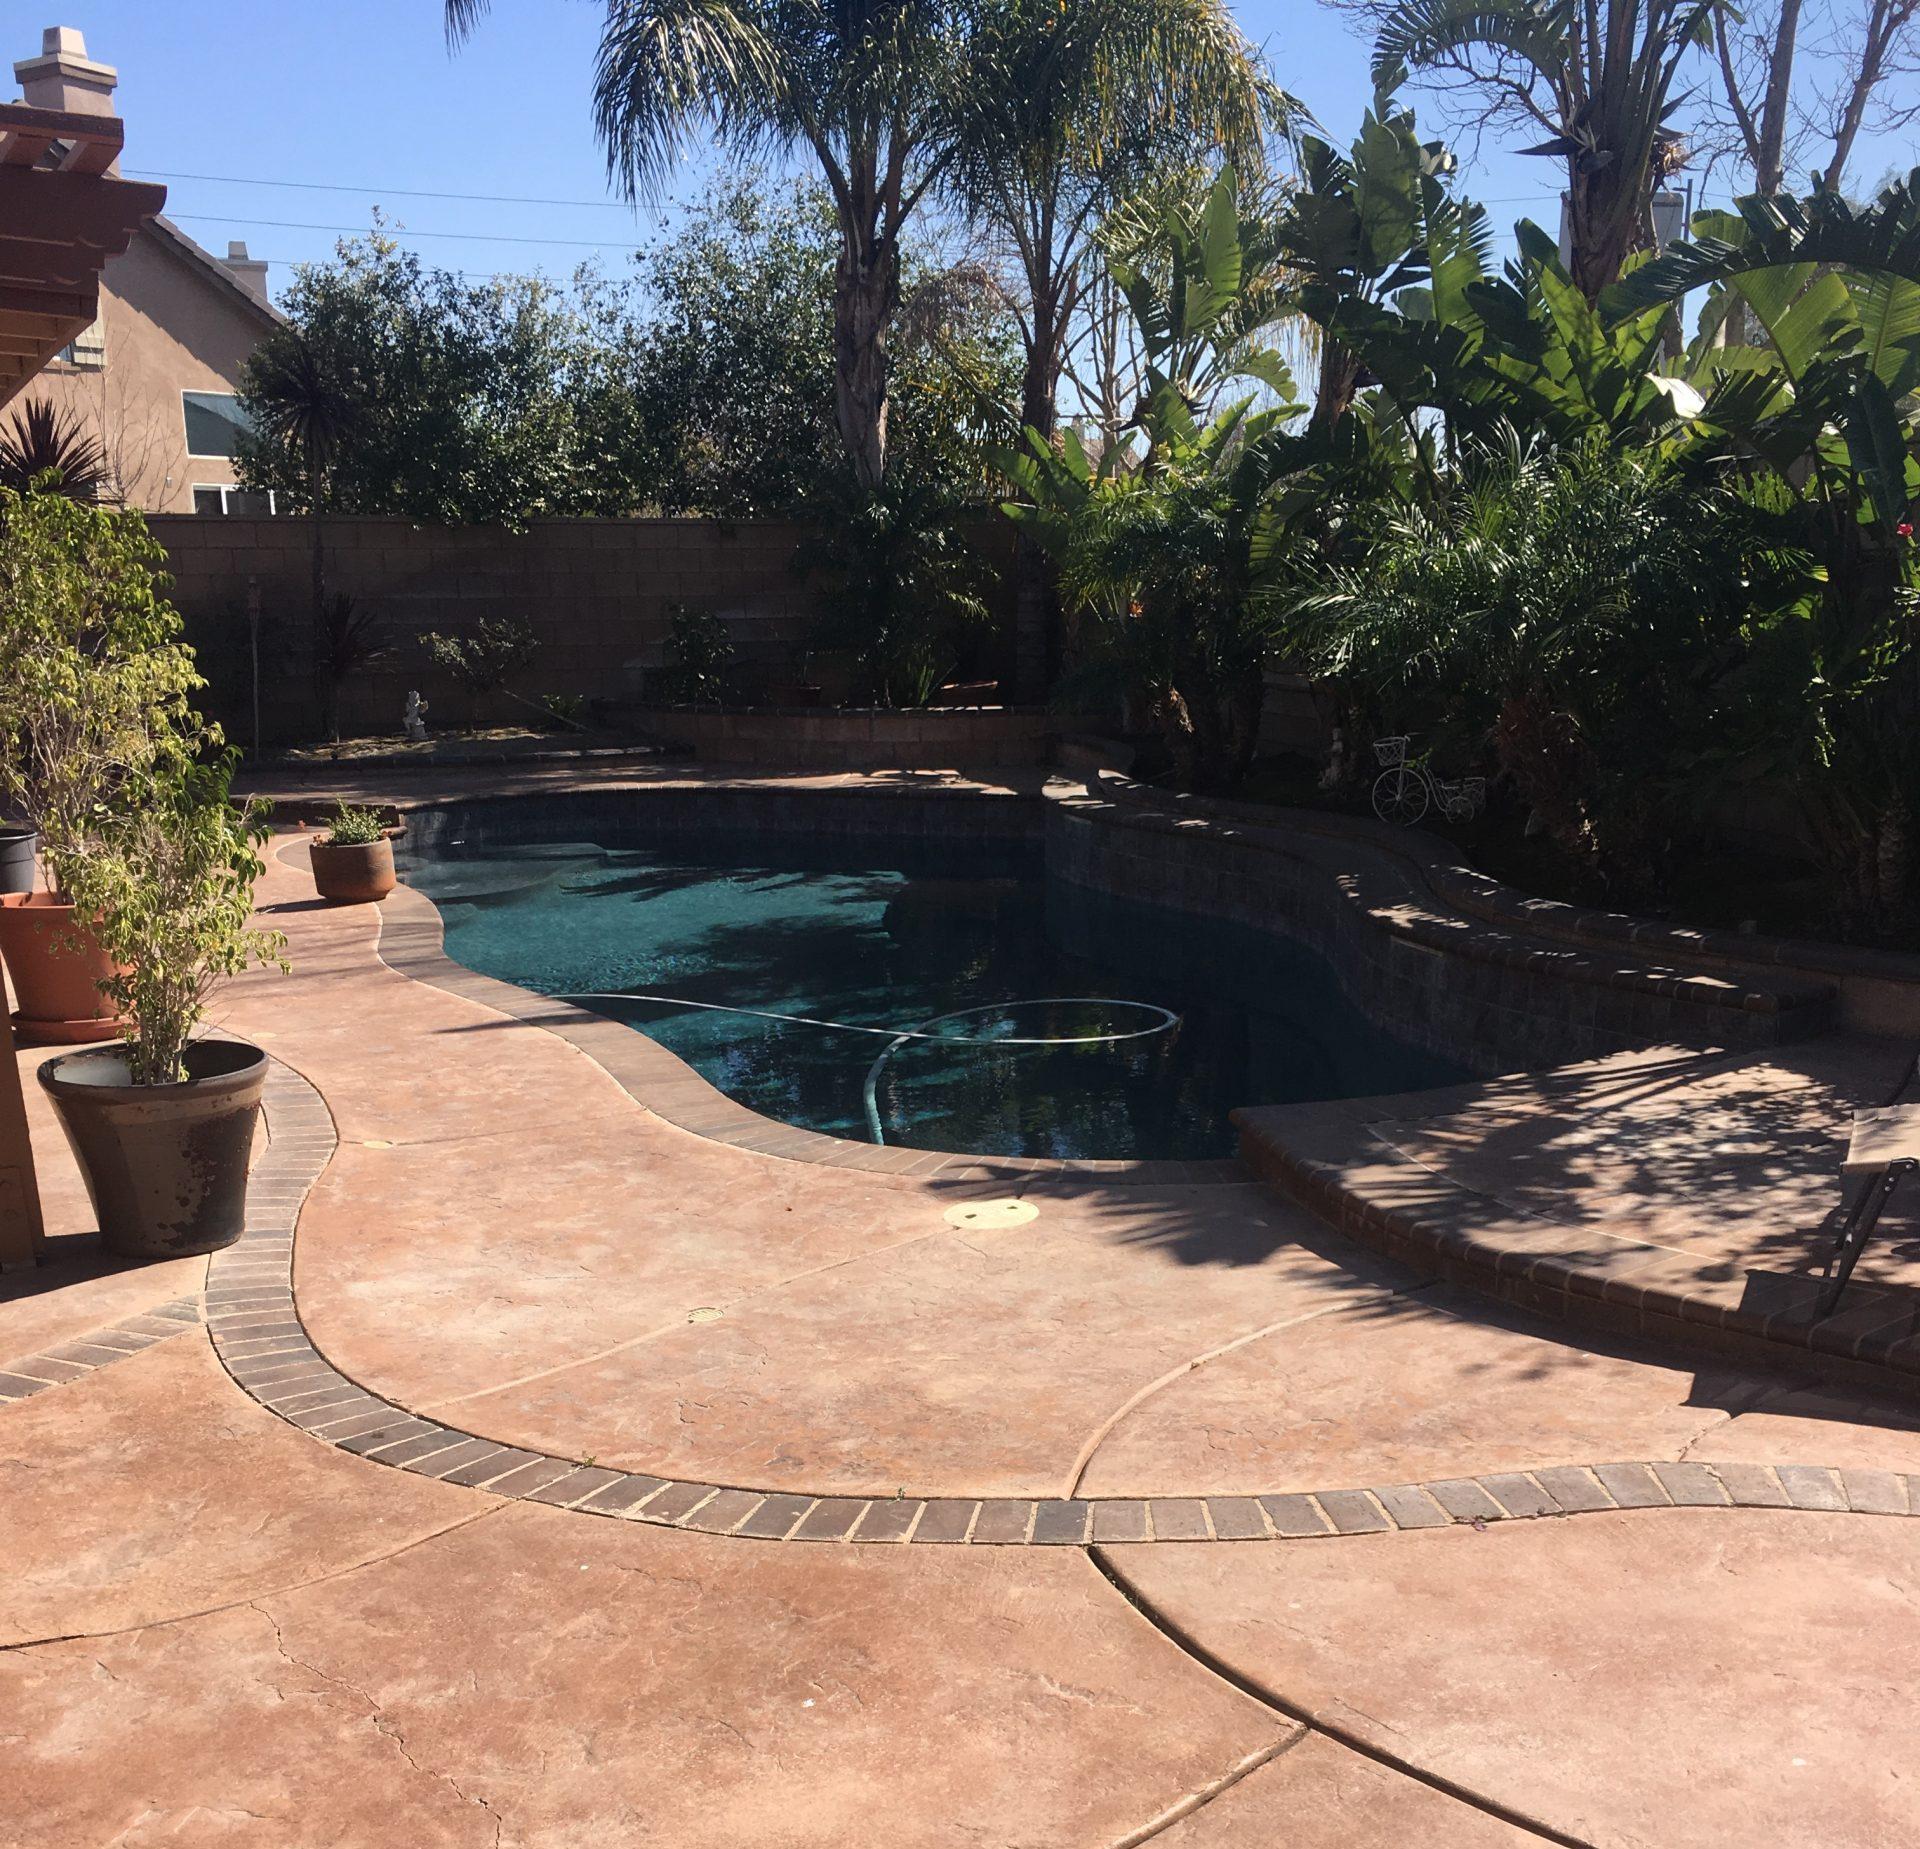 pool-deck-resurfacing-in-orange-county-ca